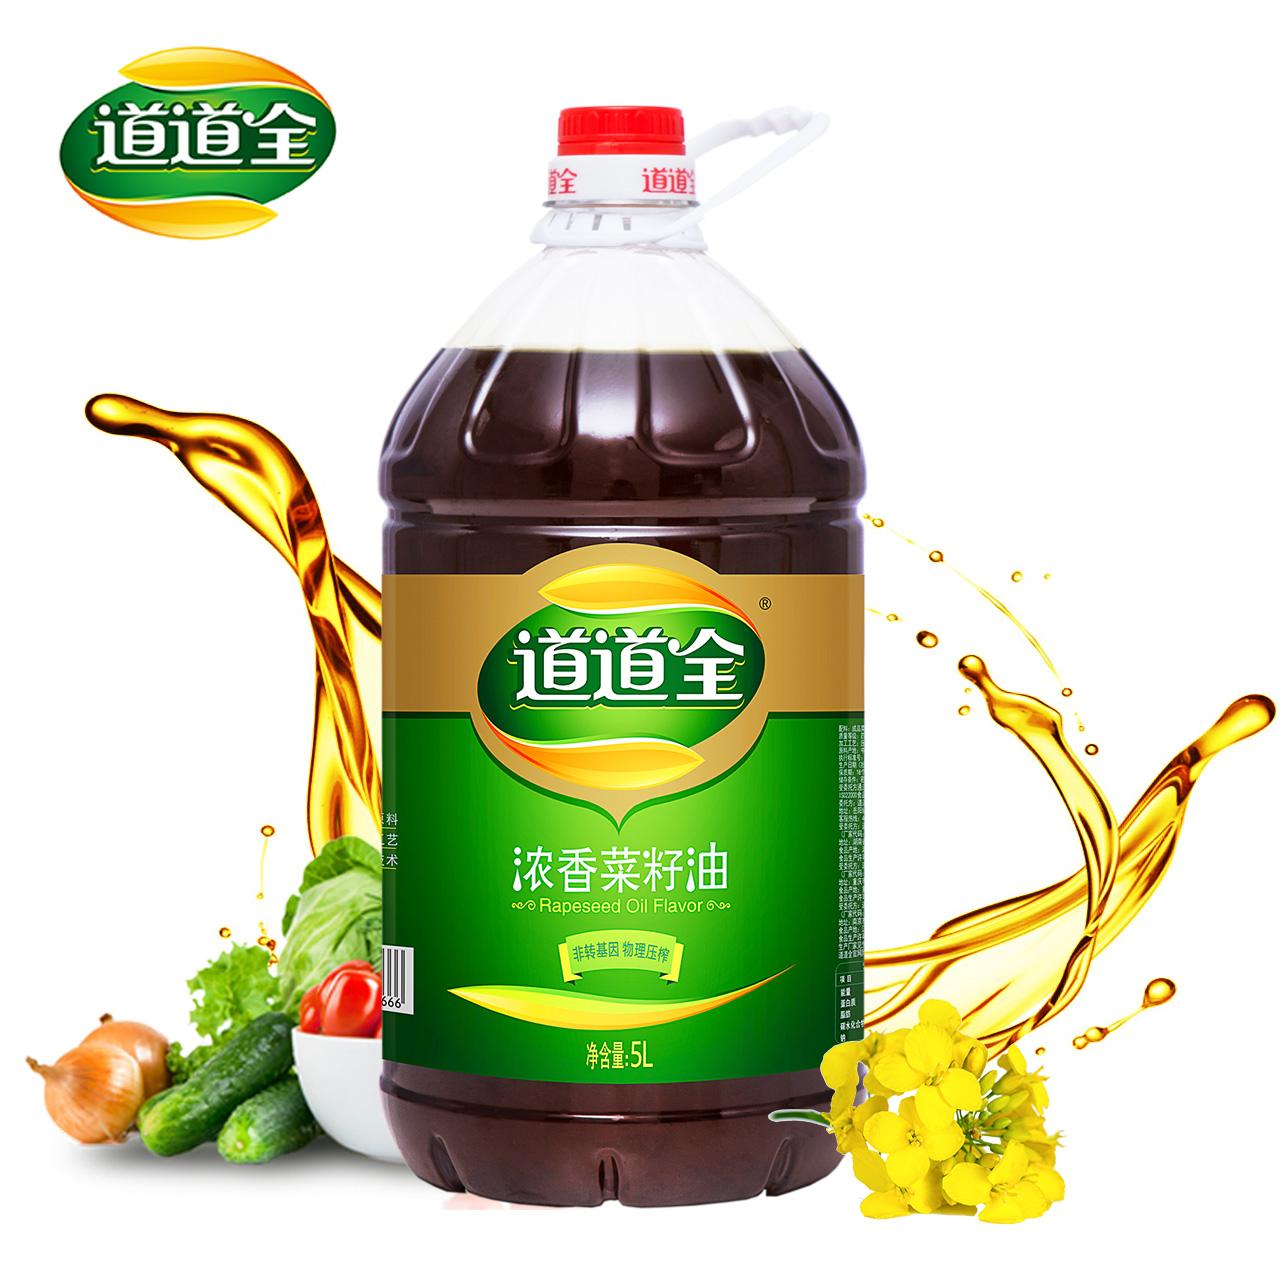 道道全浓香菜籽油5L物理压榨非转基因食用油 滴滴浓香农家风味